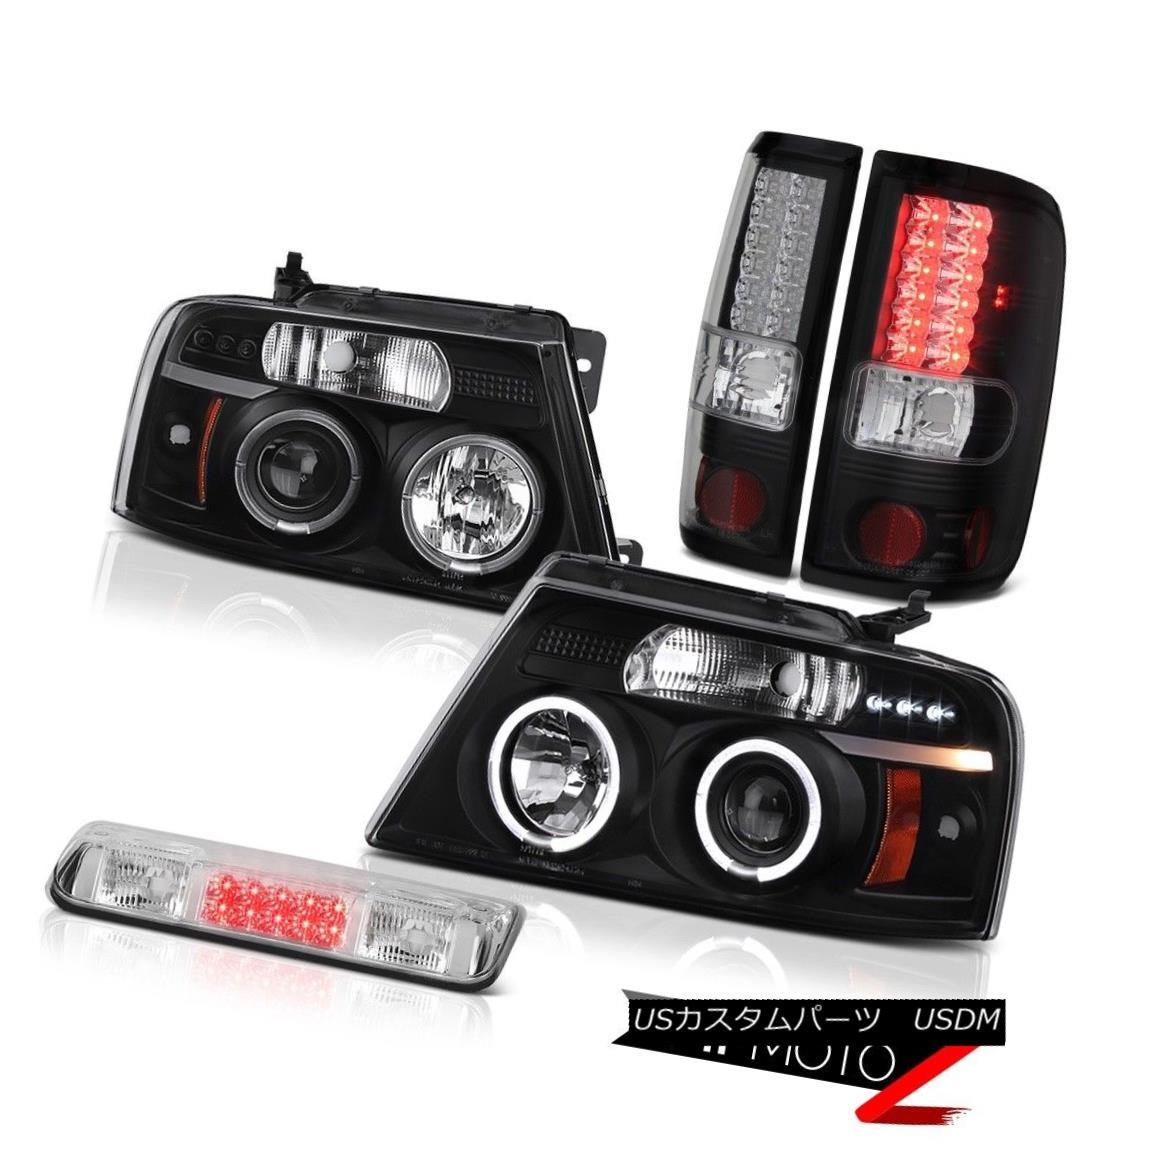 テールライト 04-08 Ford F150 Lariat 3rd Brake Lamp Black Headlights Tail Lamps LED Halo Ring 04-08 Ford F150 Lariat 3rdブレーキランプブラックヘッドライトテールランプLED Halo Ring